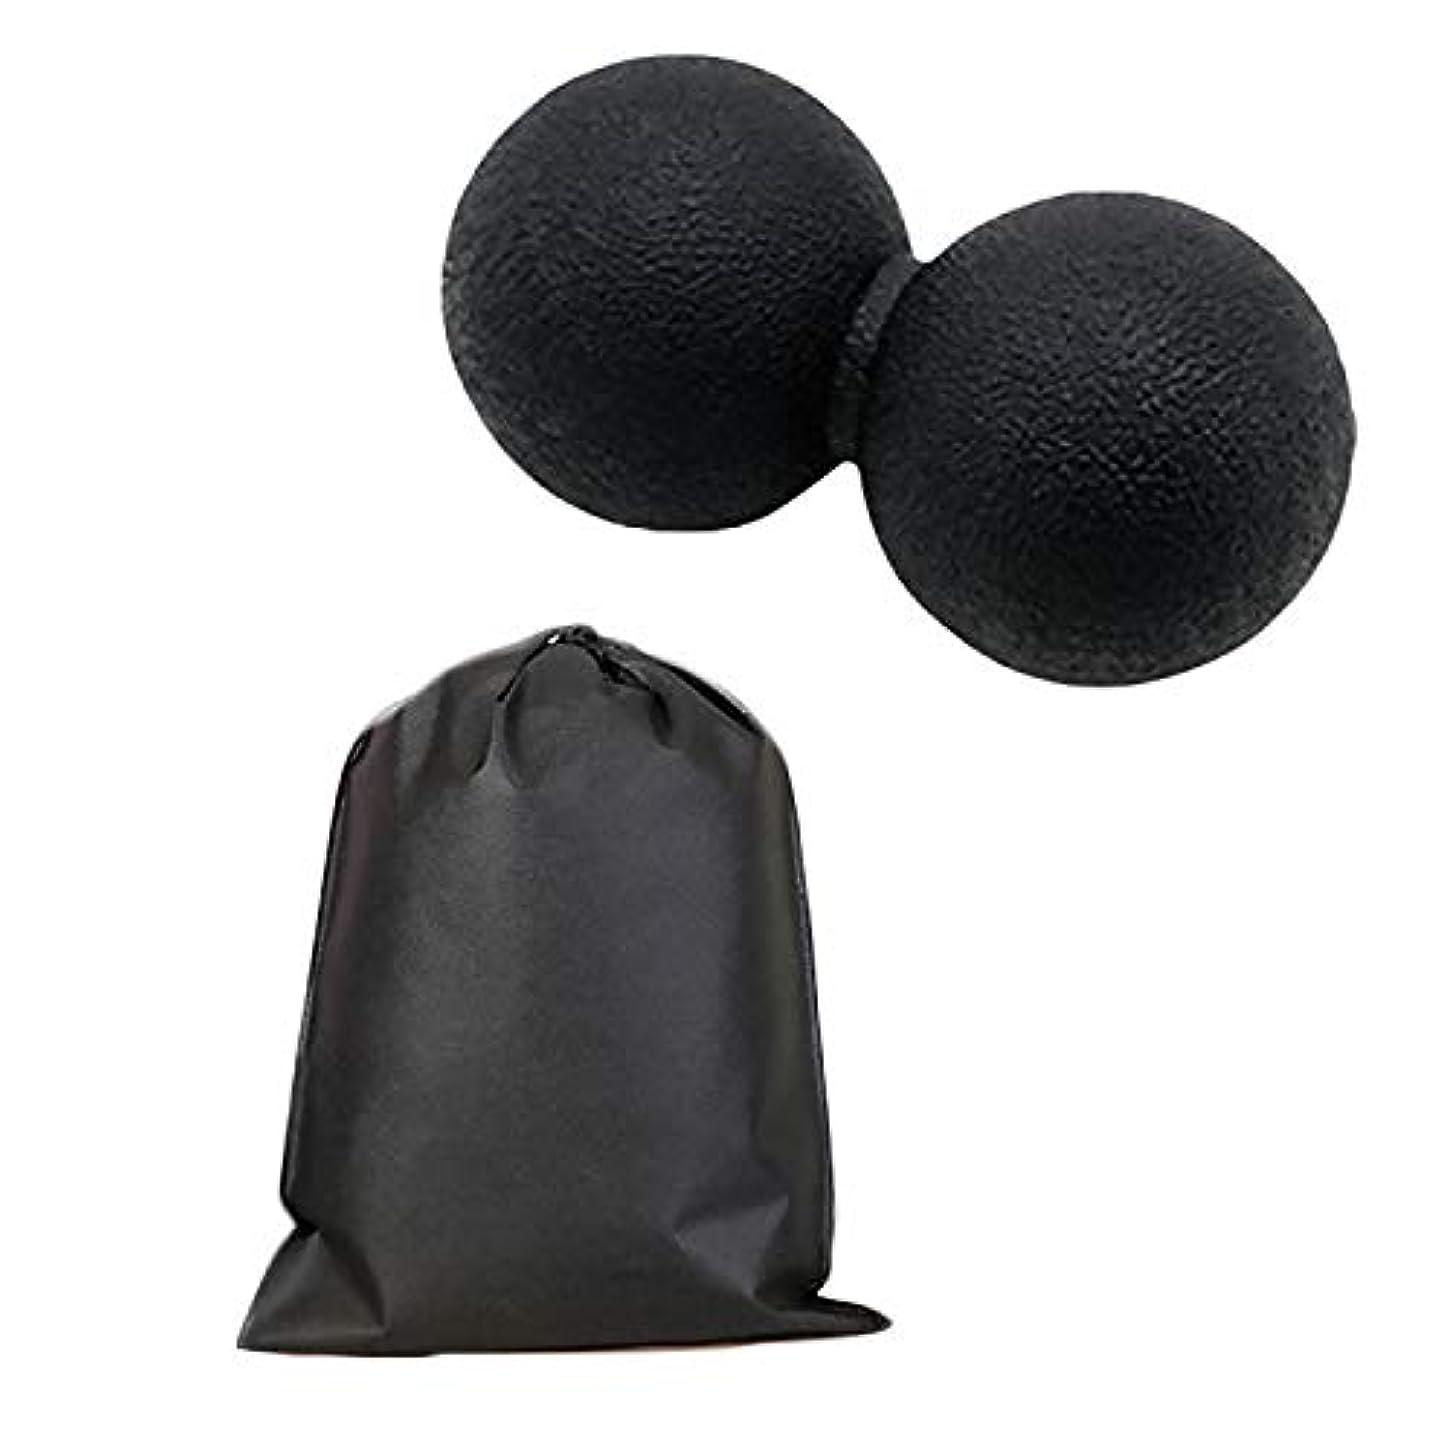 に変わる失われたに変わるMigavan マッサージボールローラーバックマッサージボール収納袋が付いているピーナツマッサージのローラーボールのマッサージャー